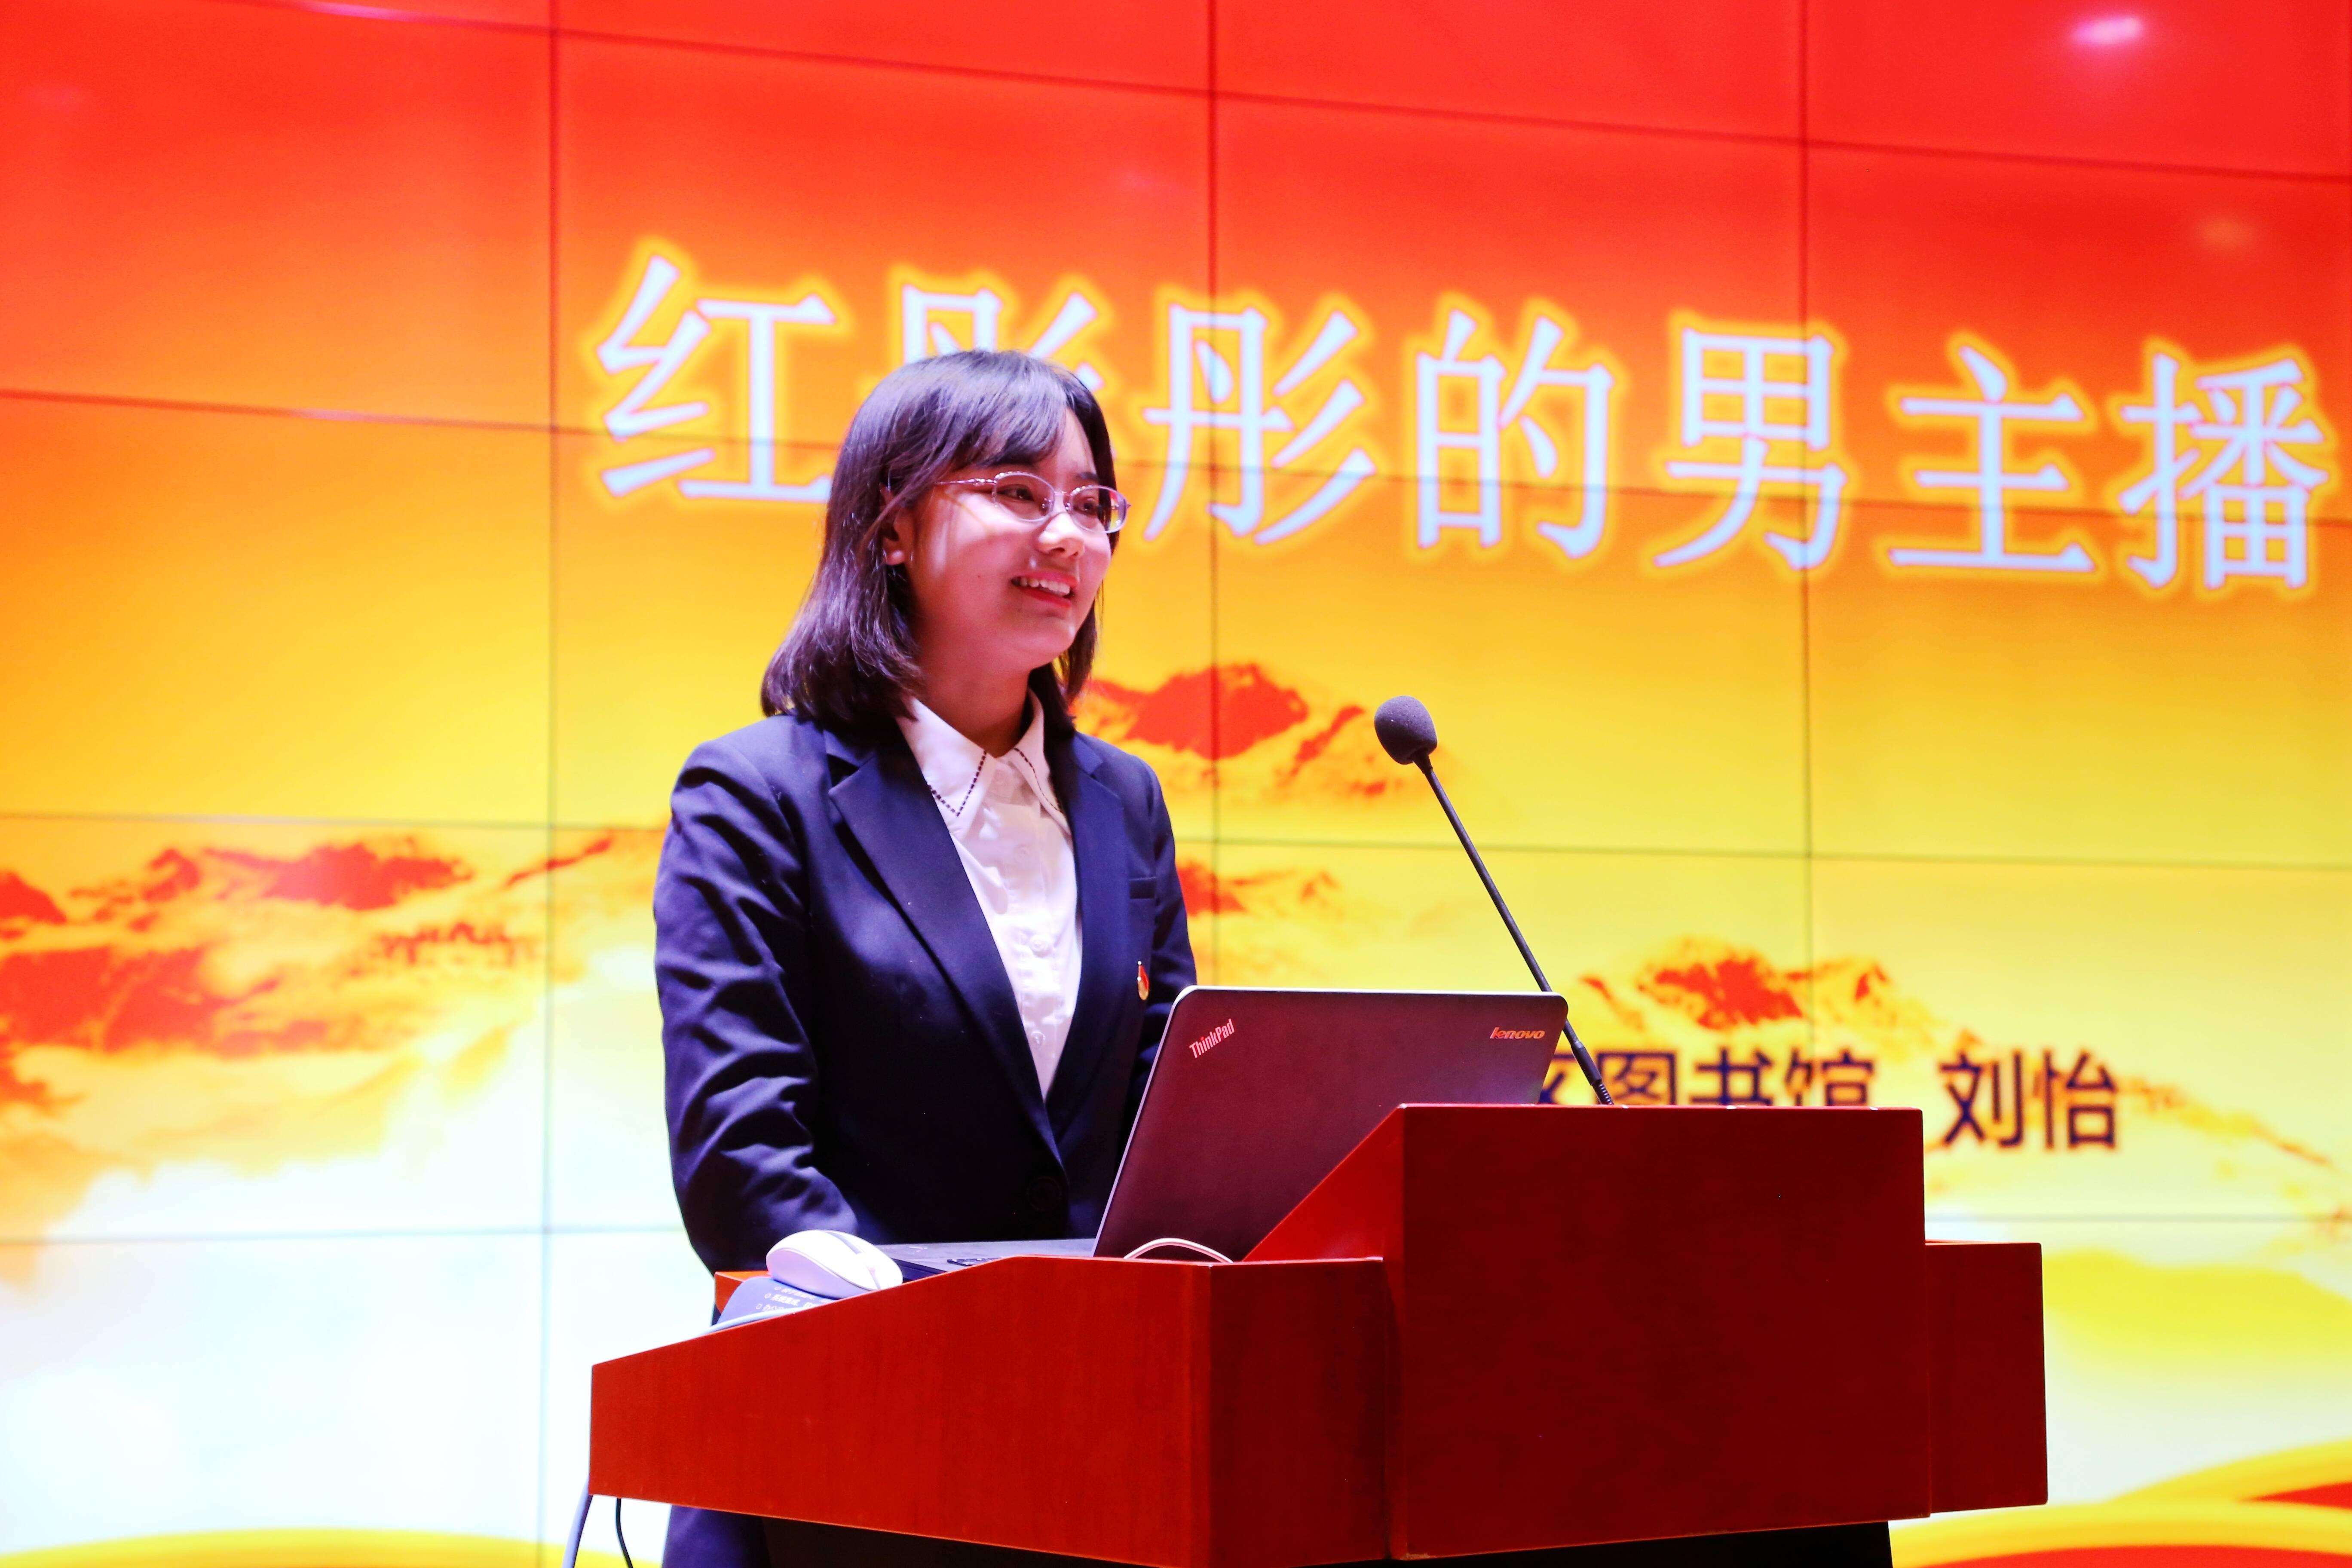 百姓宣讲团成员通过故事宣讲全会精神。记者 李涛 报道